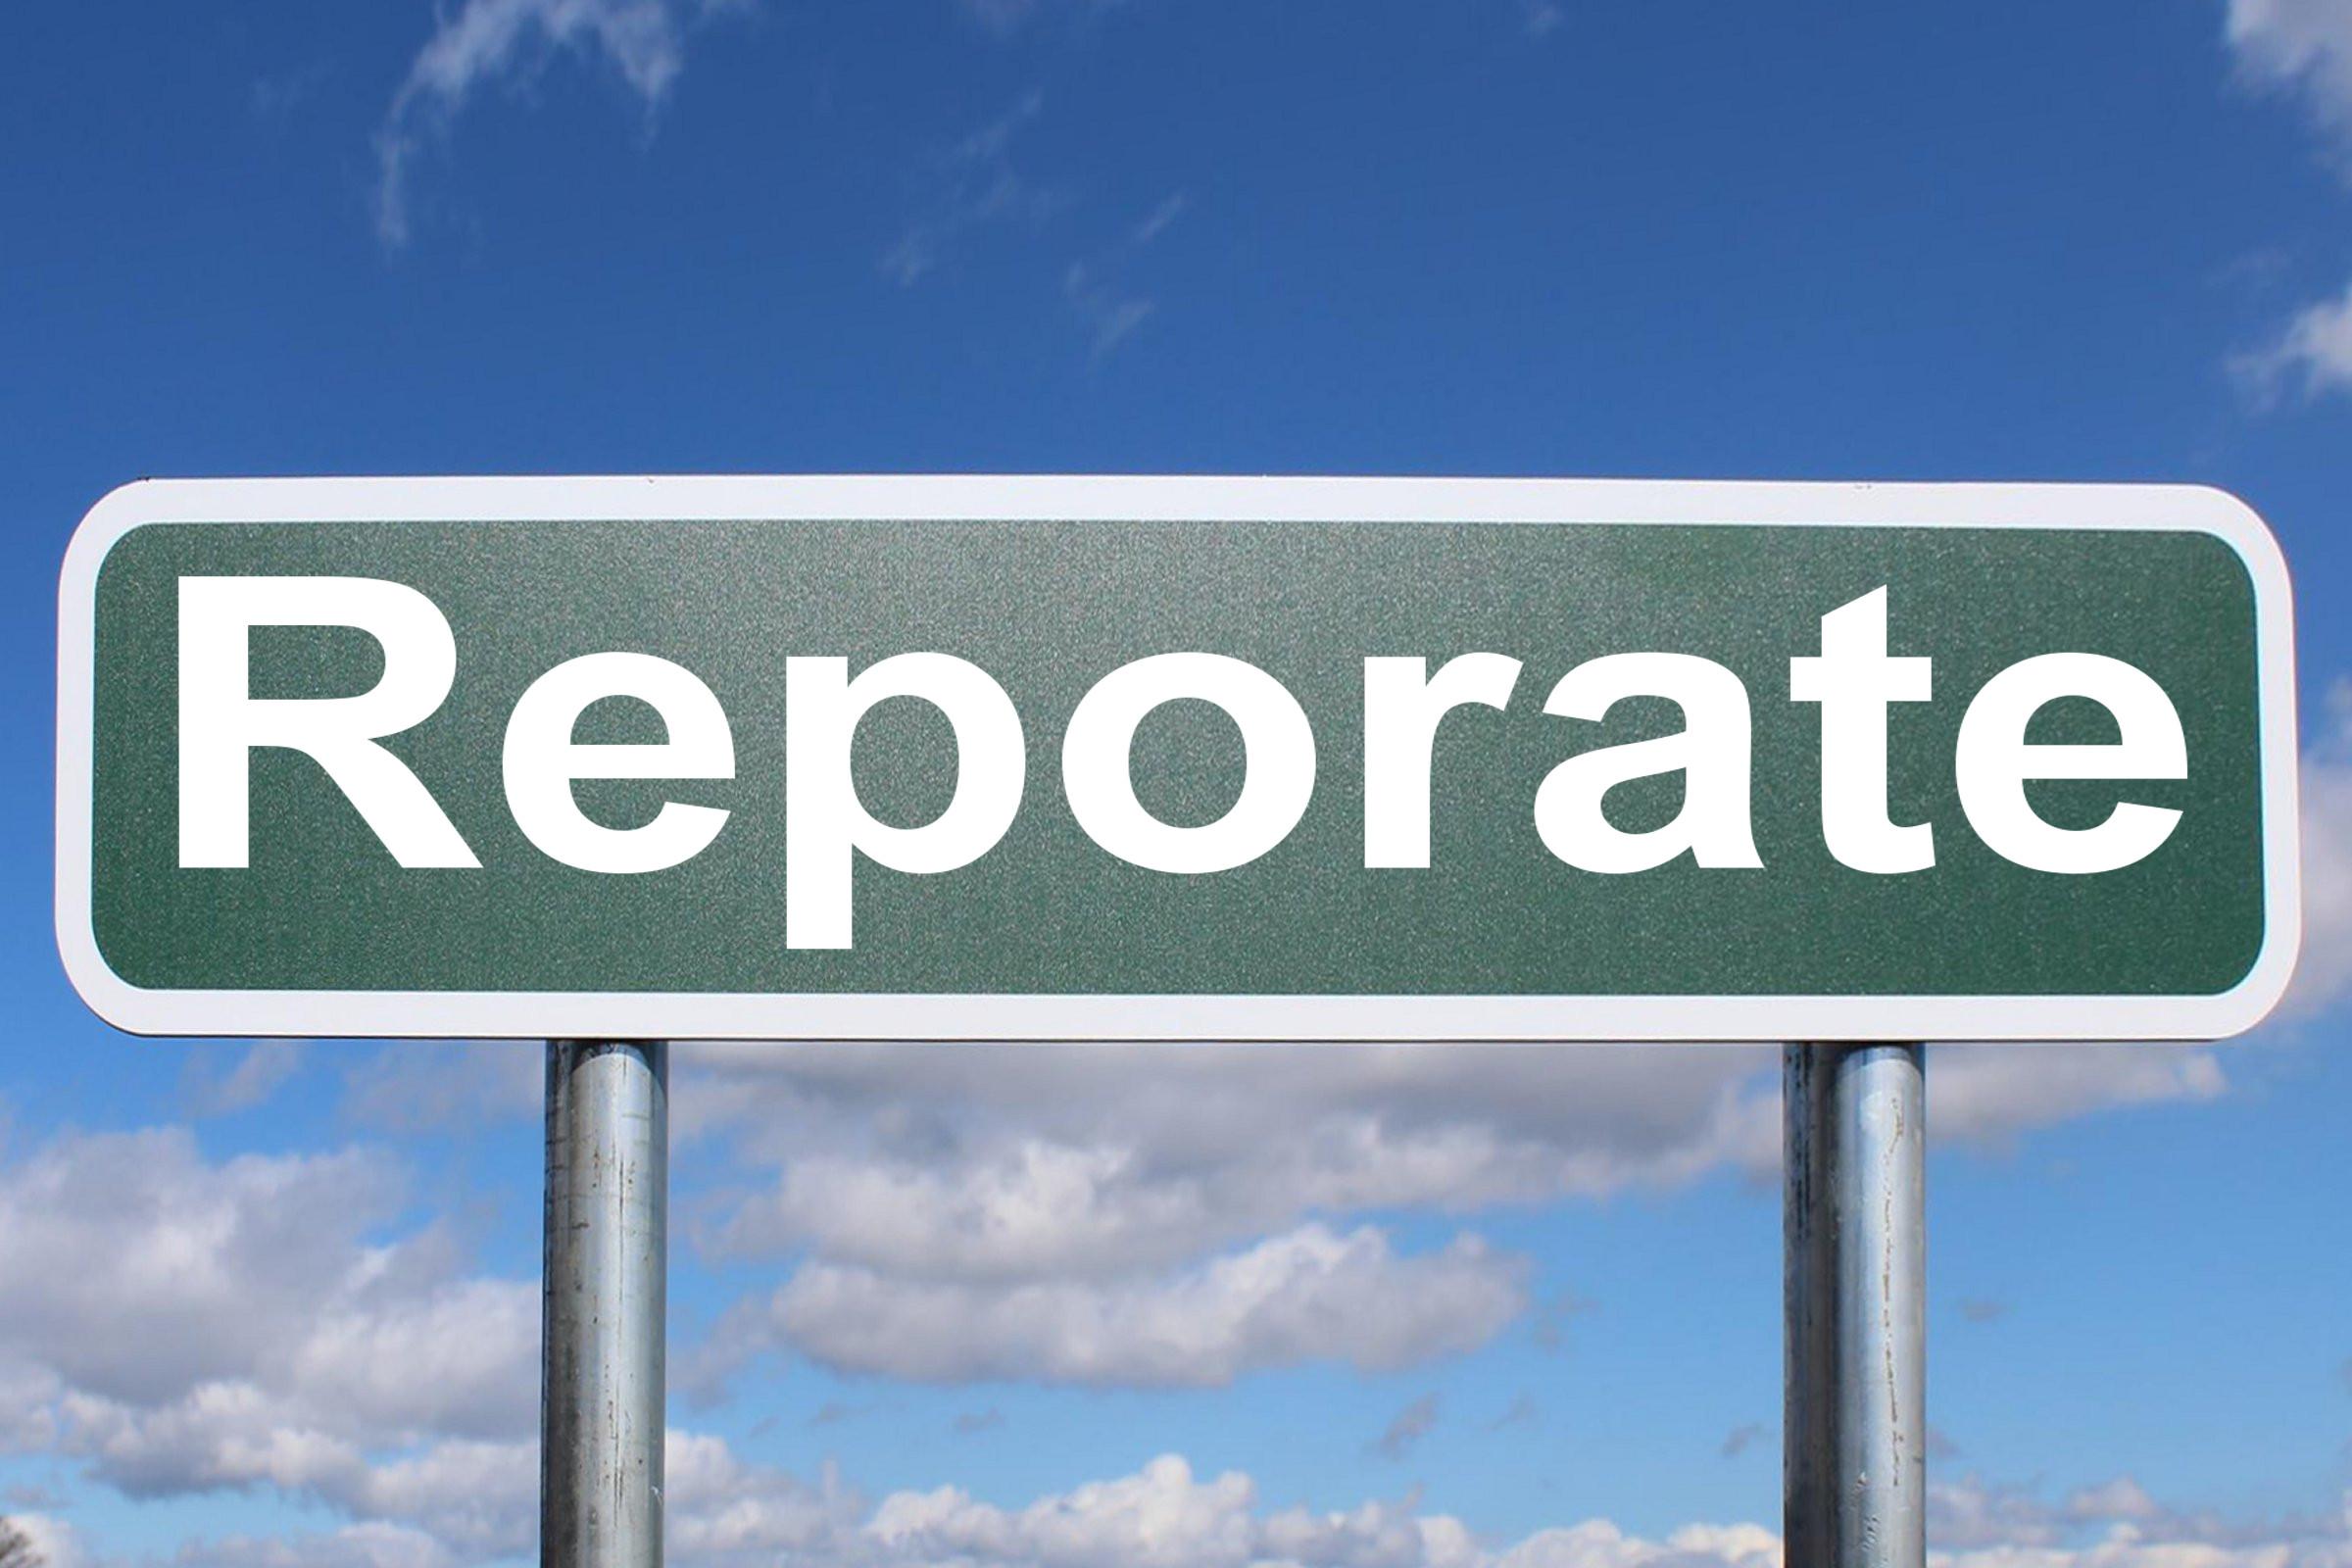 Reporate